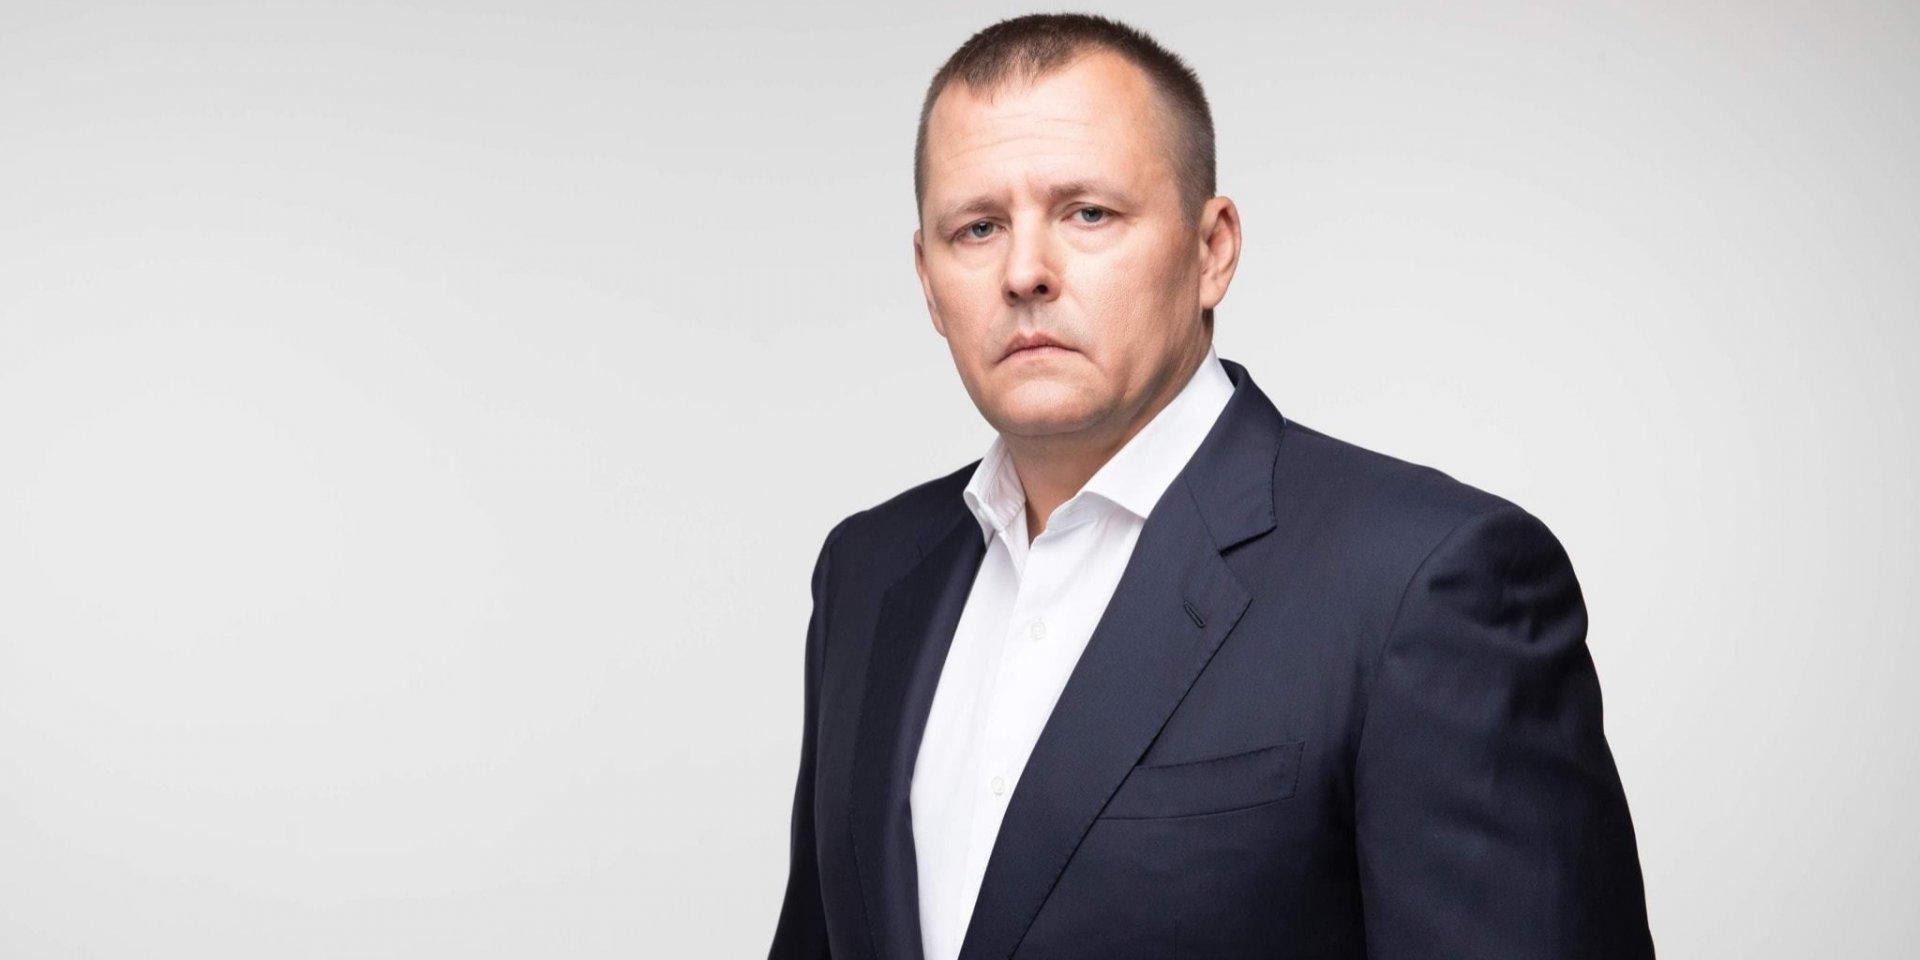 Филатов высказался о социологии по поводу выборов мэра Днепра. Новости Днепра